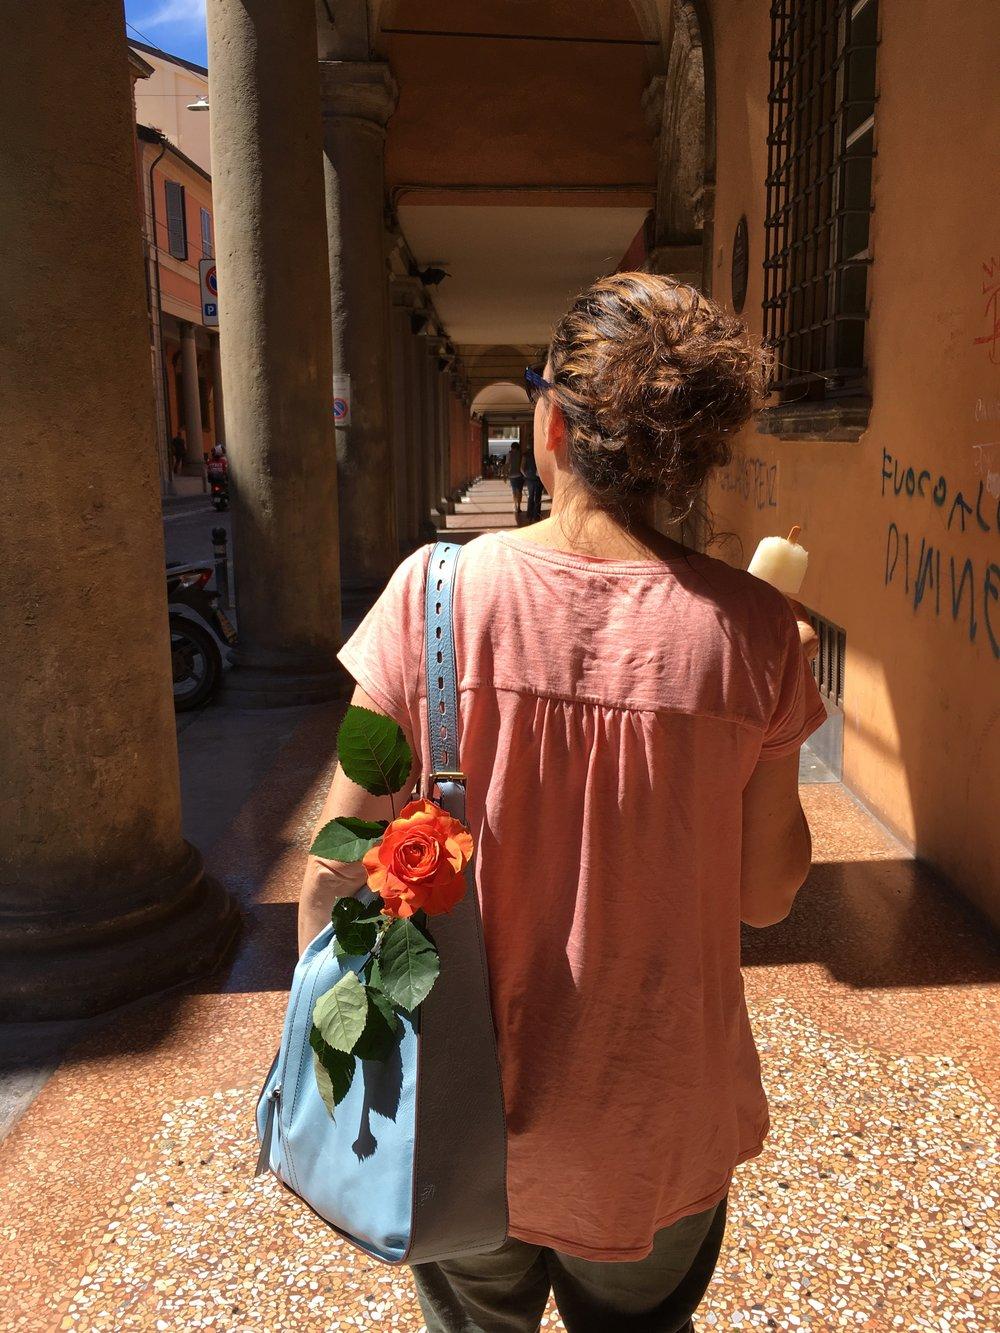 Drogheria della Rosa, Bologna, Italy